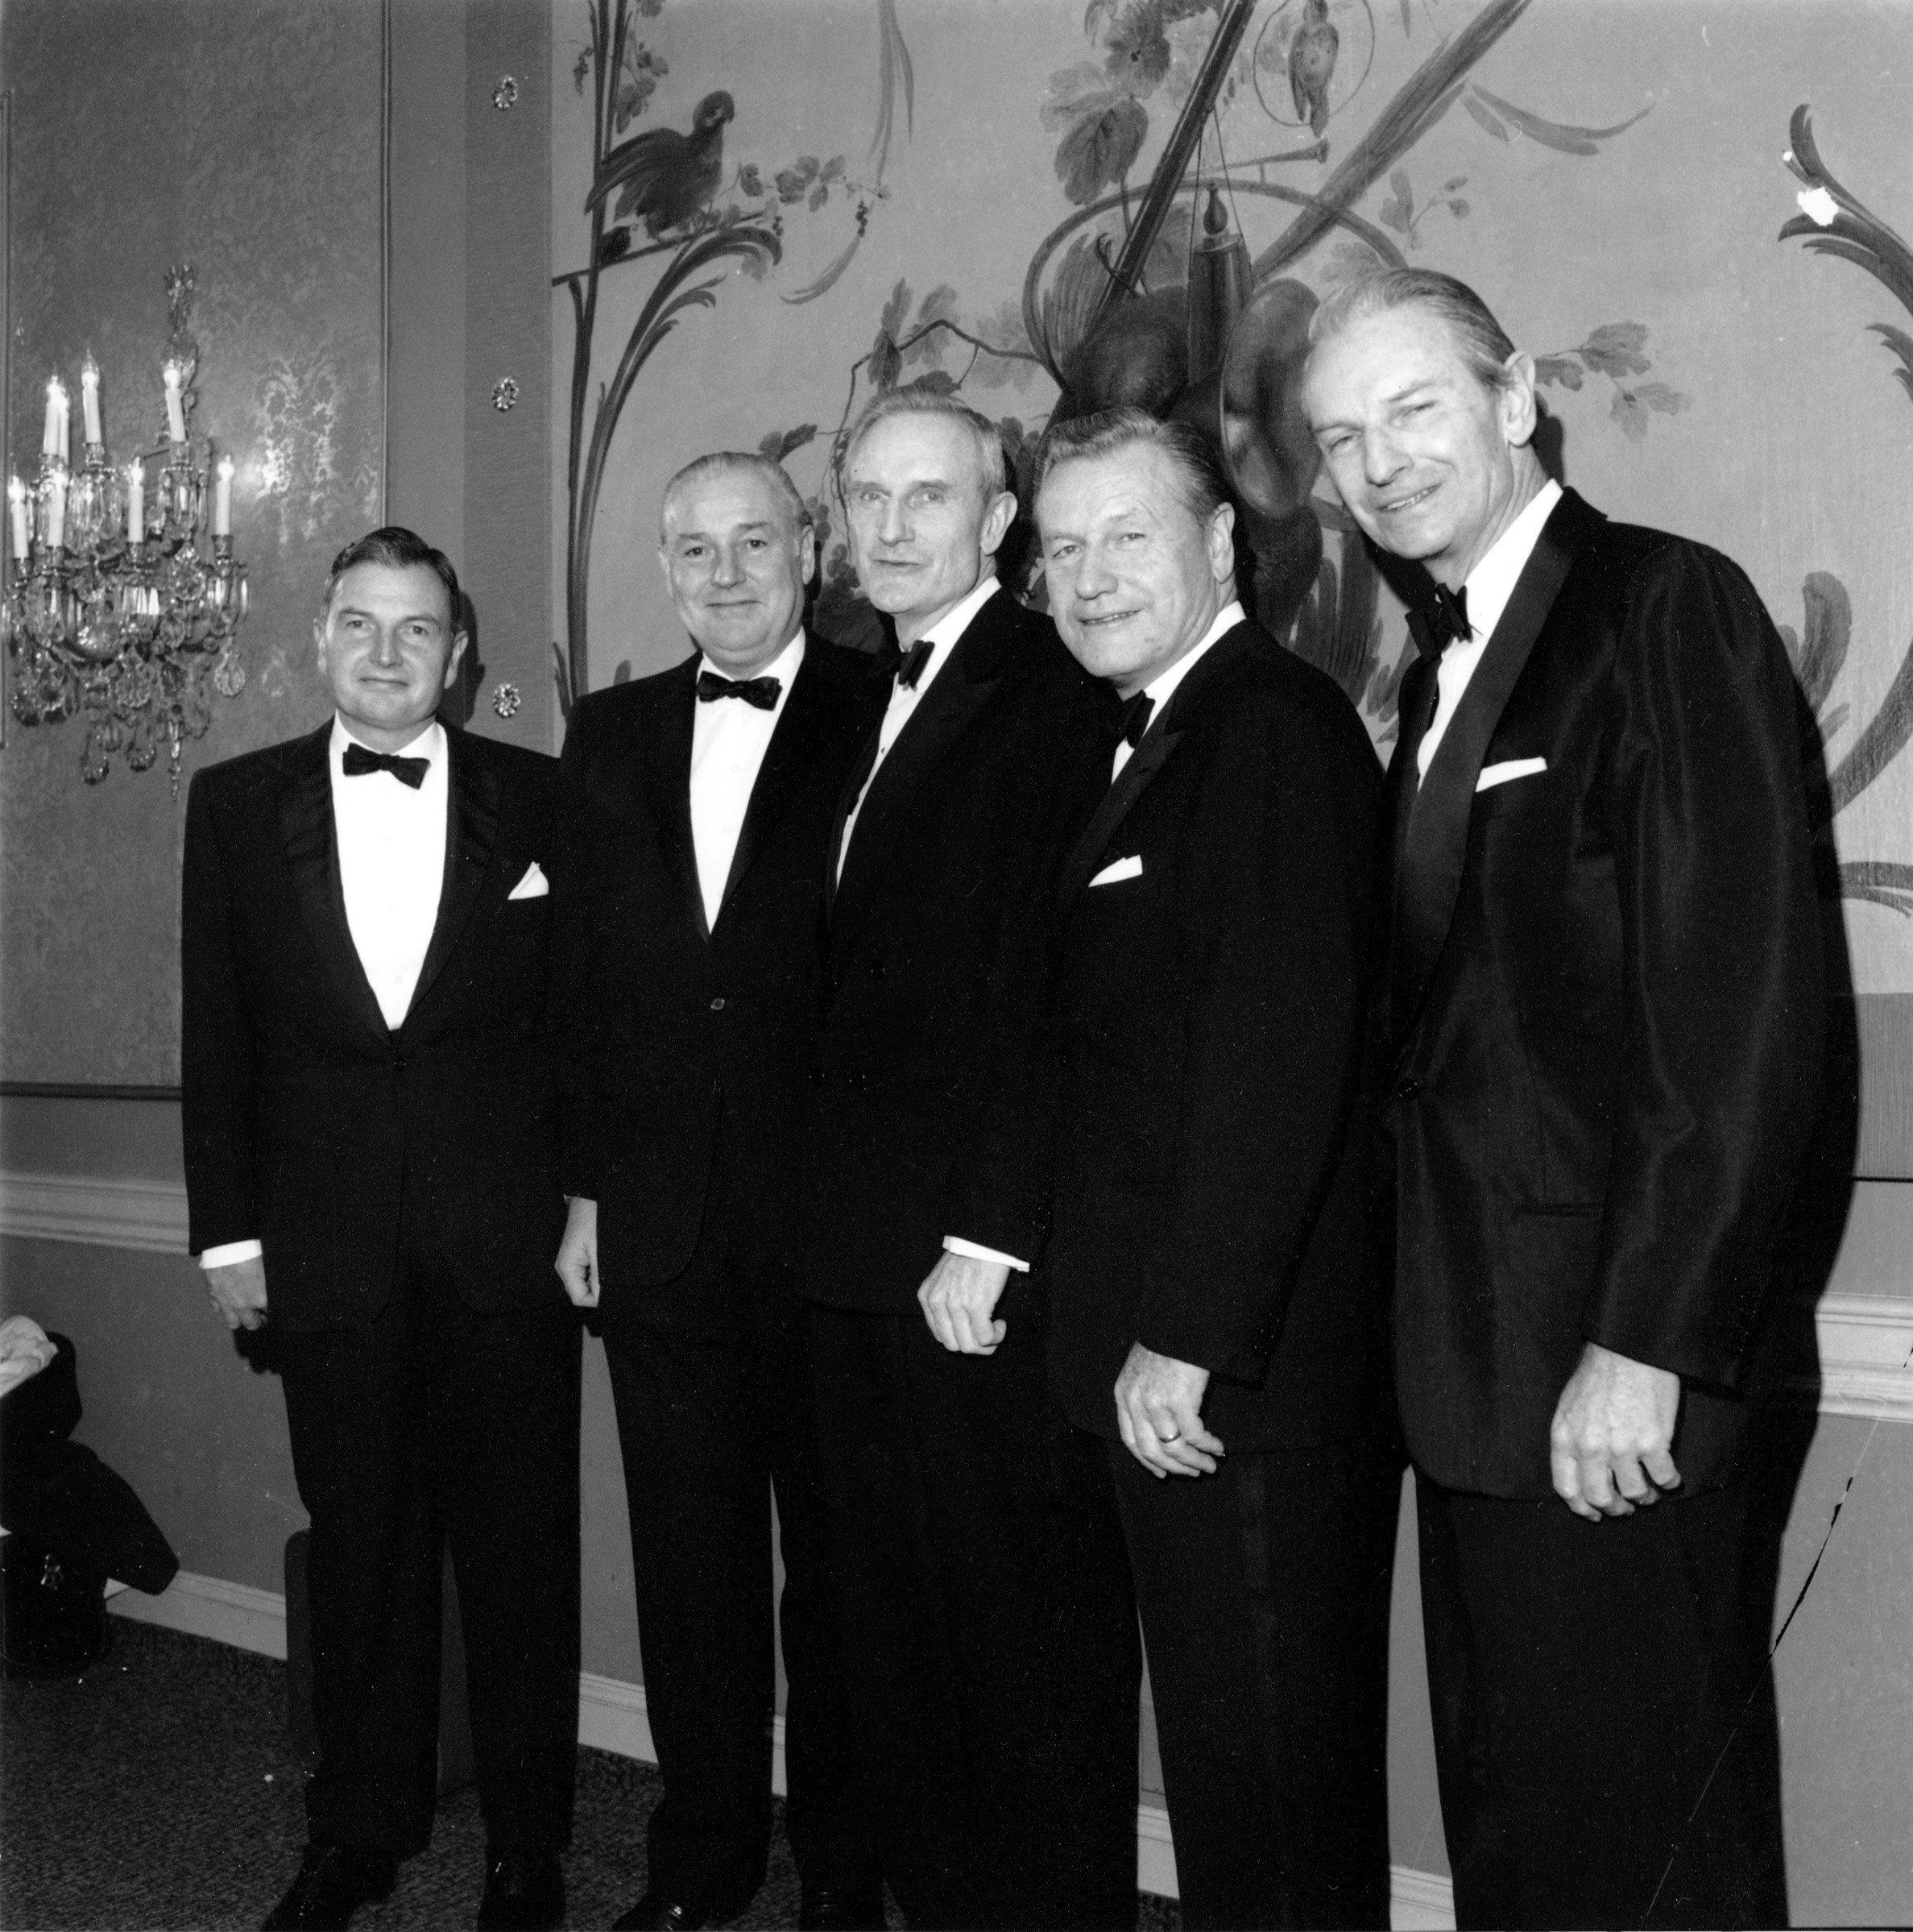 Los cinco hermanos Rockefeller se reúnen para recibir medallas de oro del Instituto Nacional de Ciencias Sociales